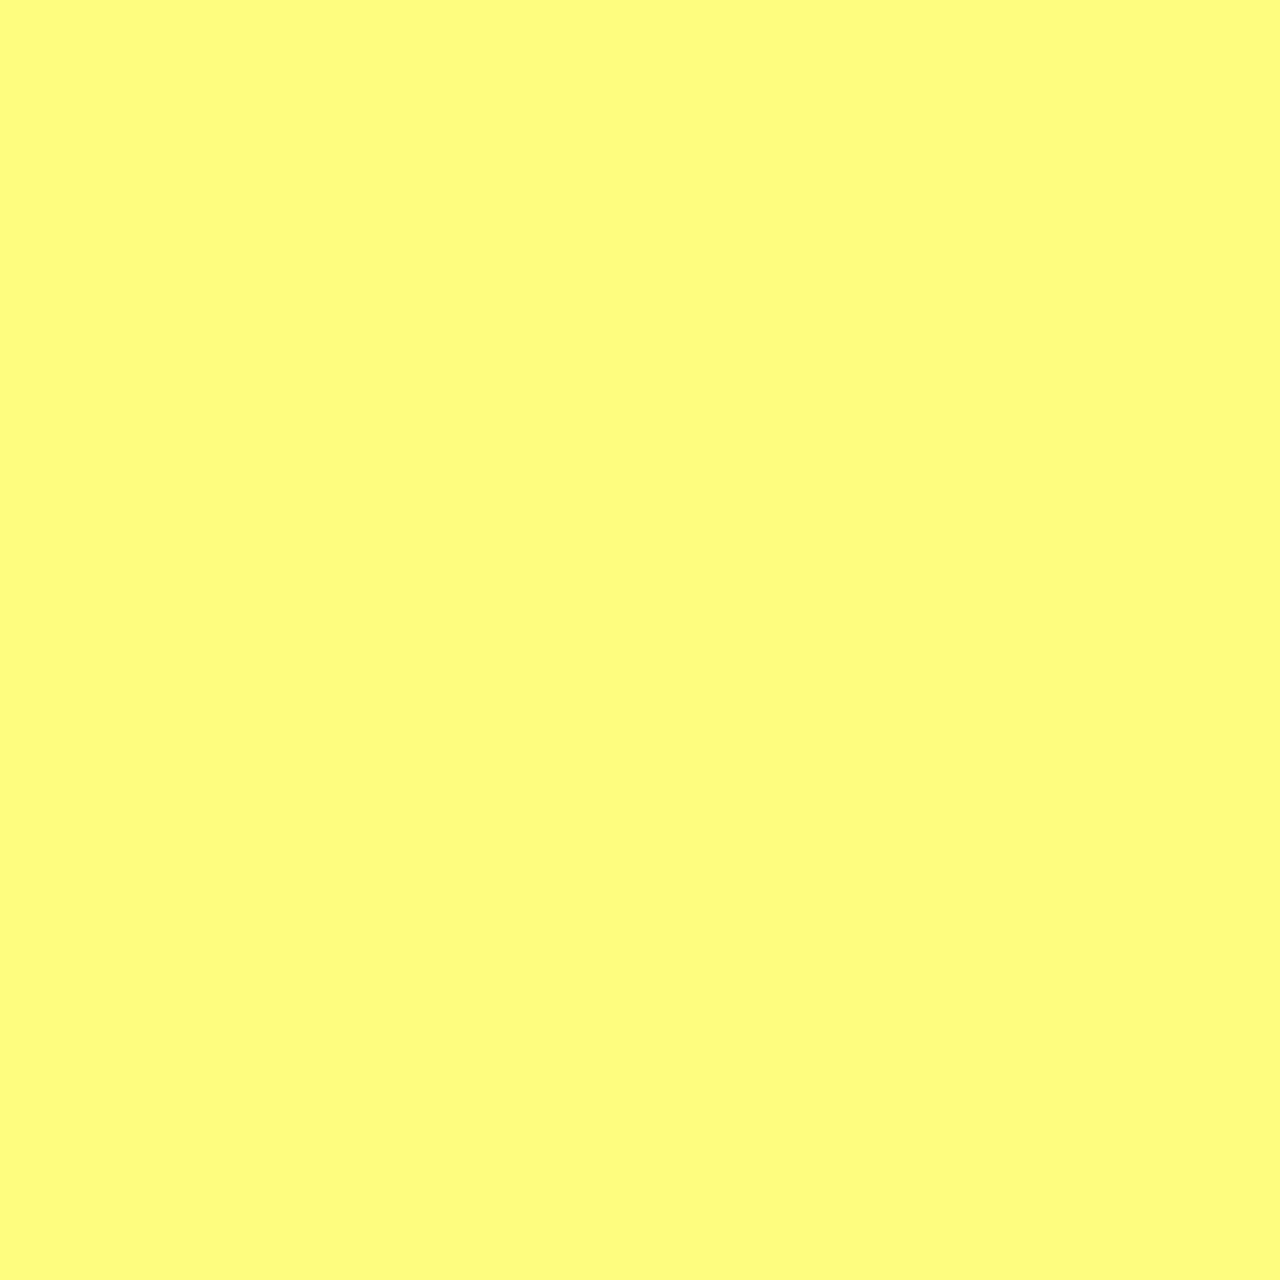 Rosco Calcolor Sheet #4560: 60 Yellow, Gels